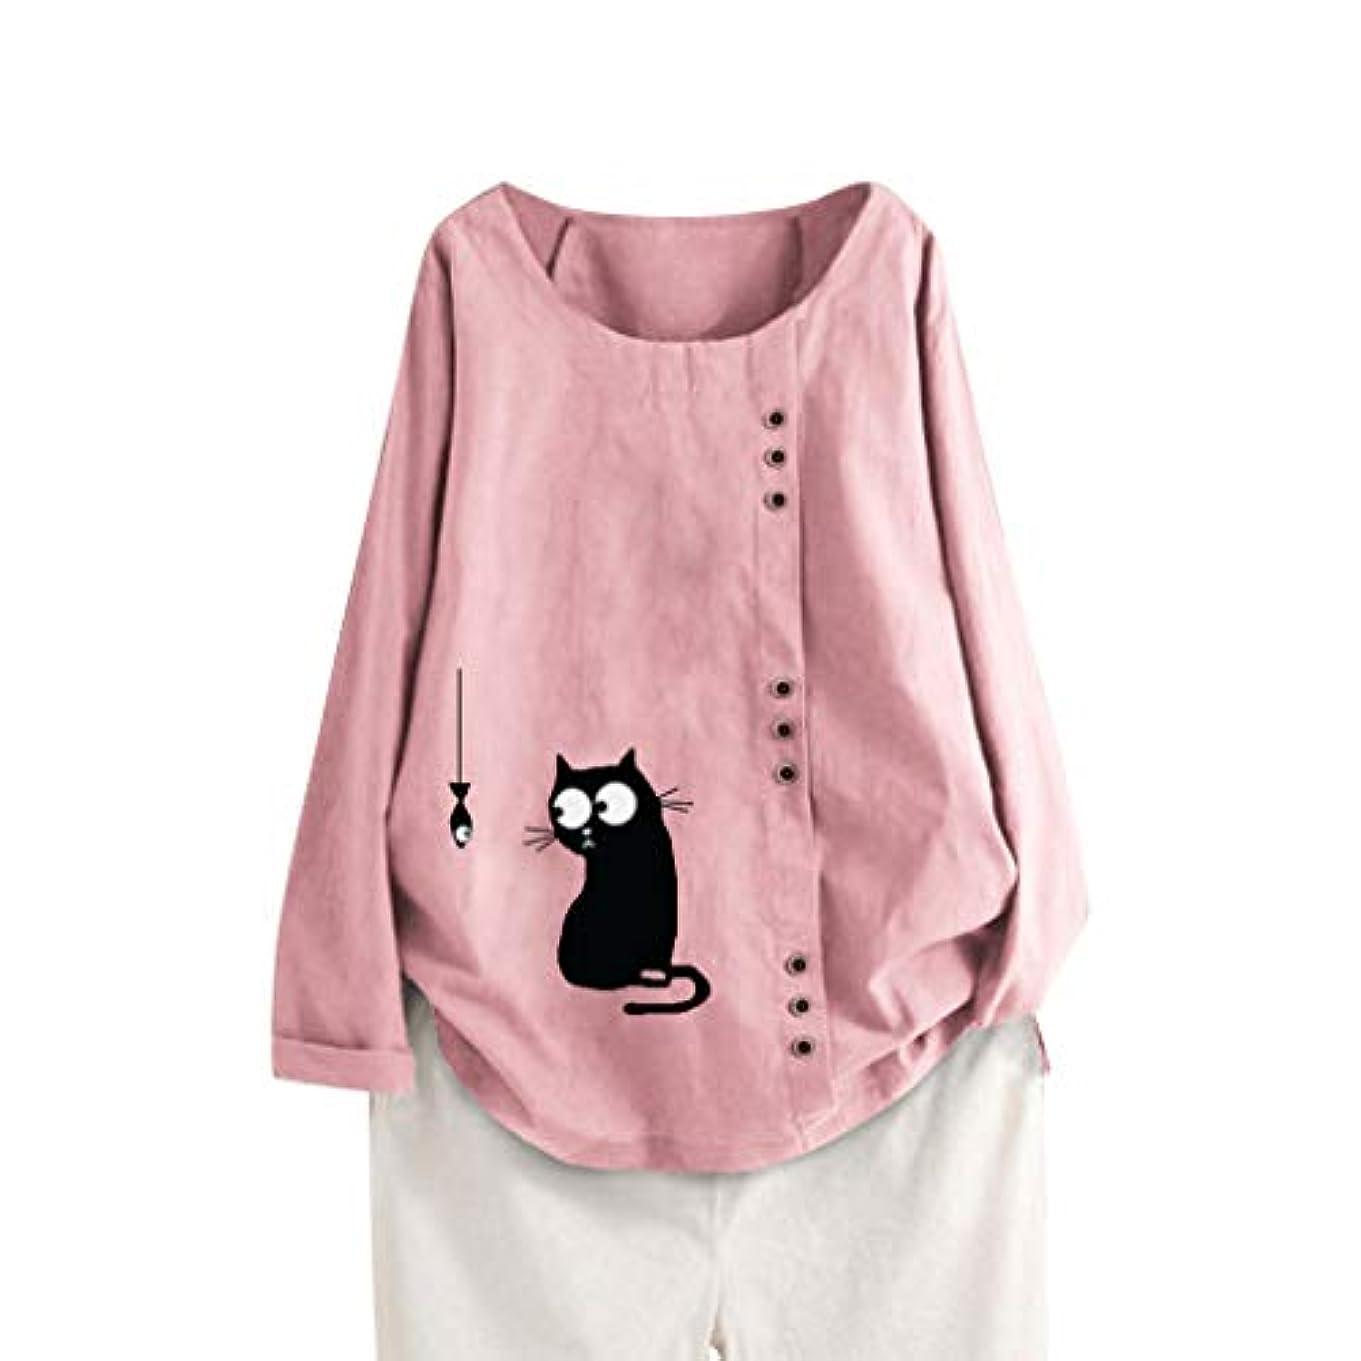 破壊的予測子縫い目Aguleaph レディース Tシャツ おおきいサイズ 長袖 コットンとリネン 花柄 トップス 学生 洋服 お出かけ ワイシャツ 流行り ブラウス 快適な 軽い 柔らかい かっこいい カジュアル シンプル オシャレ 春夏秋